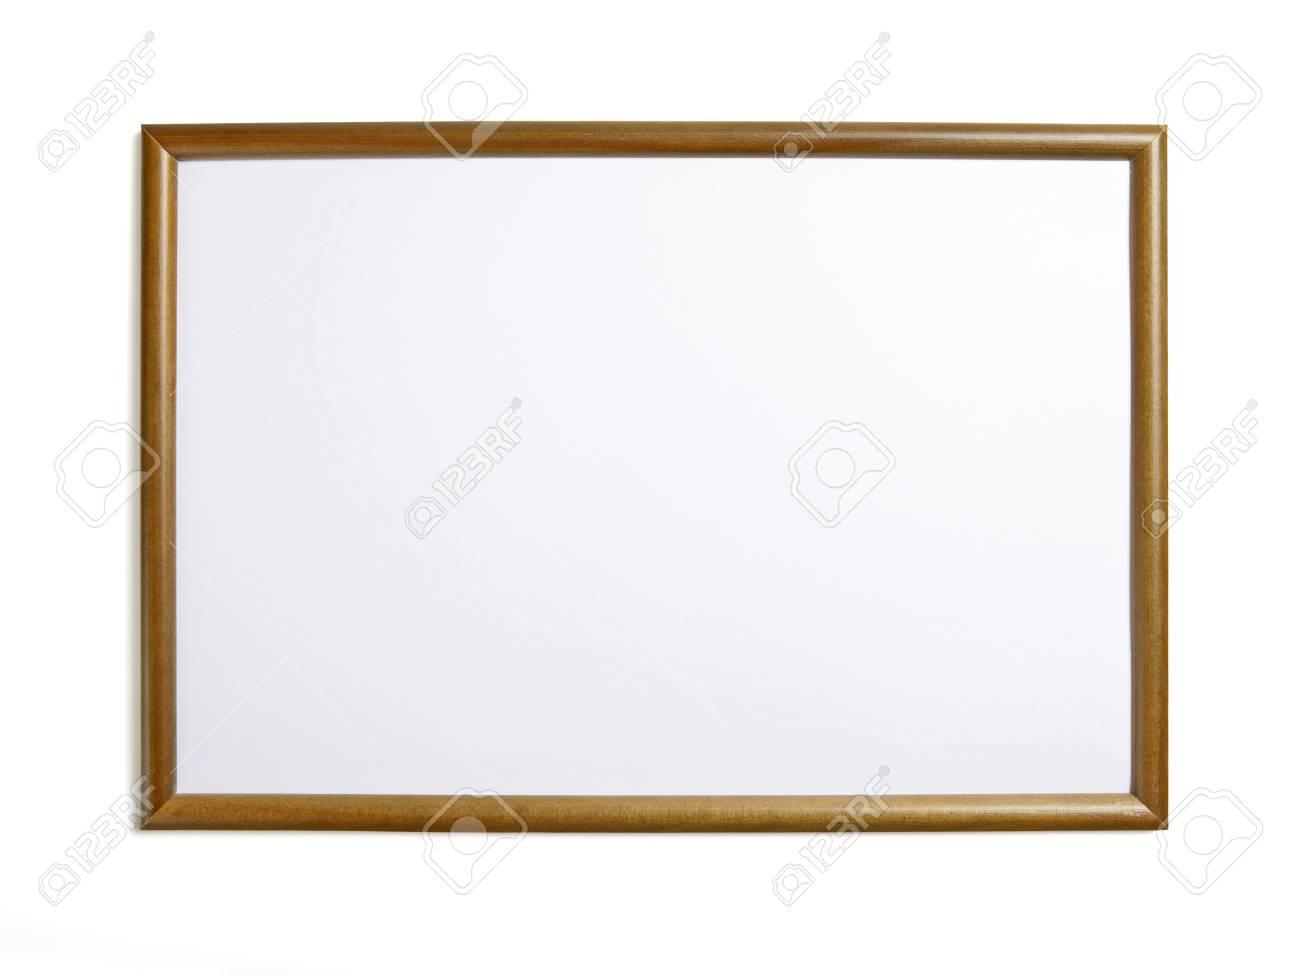 Marco De Madera Para Pintar O Imagen Sobre Fondo Blanco Fotos ...